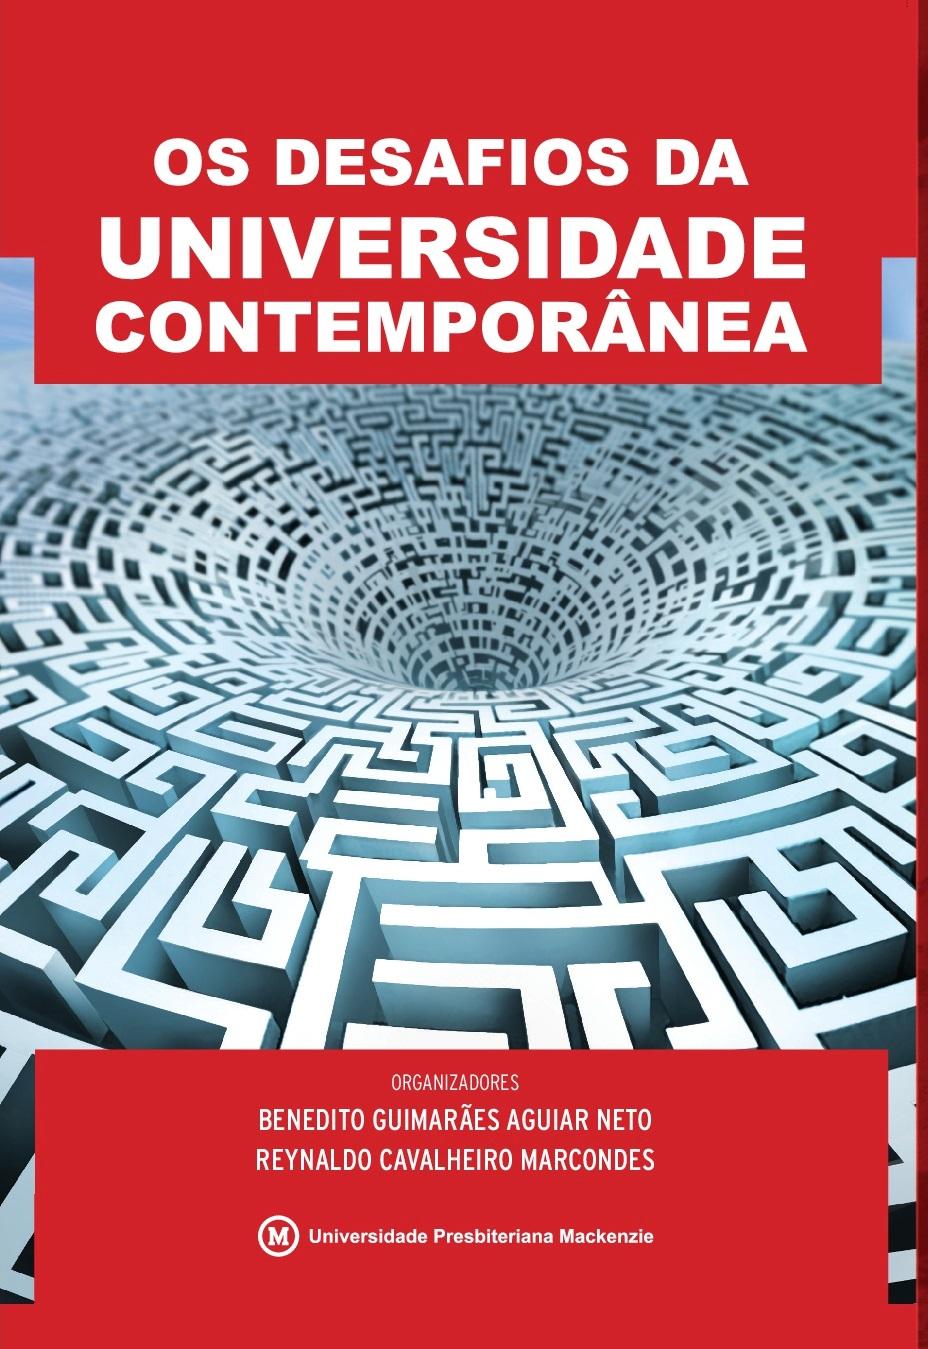 Os desafios da universidade contemporânea , livro de Benedito Guimarães Aguiar Neto, Reynaldo Cavalheiro Marcondes (orgs.)